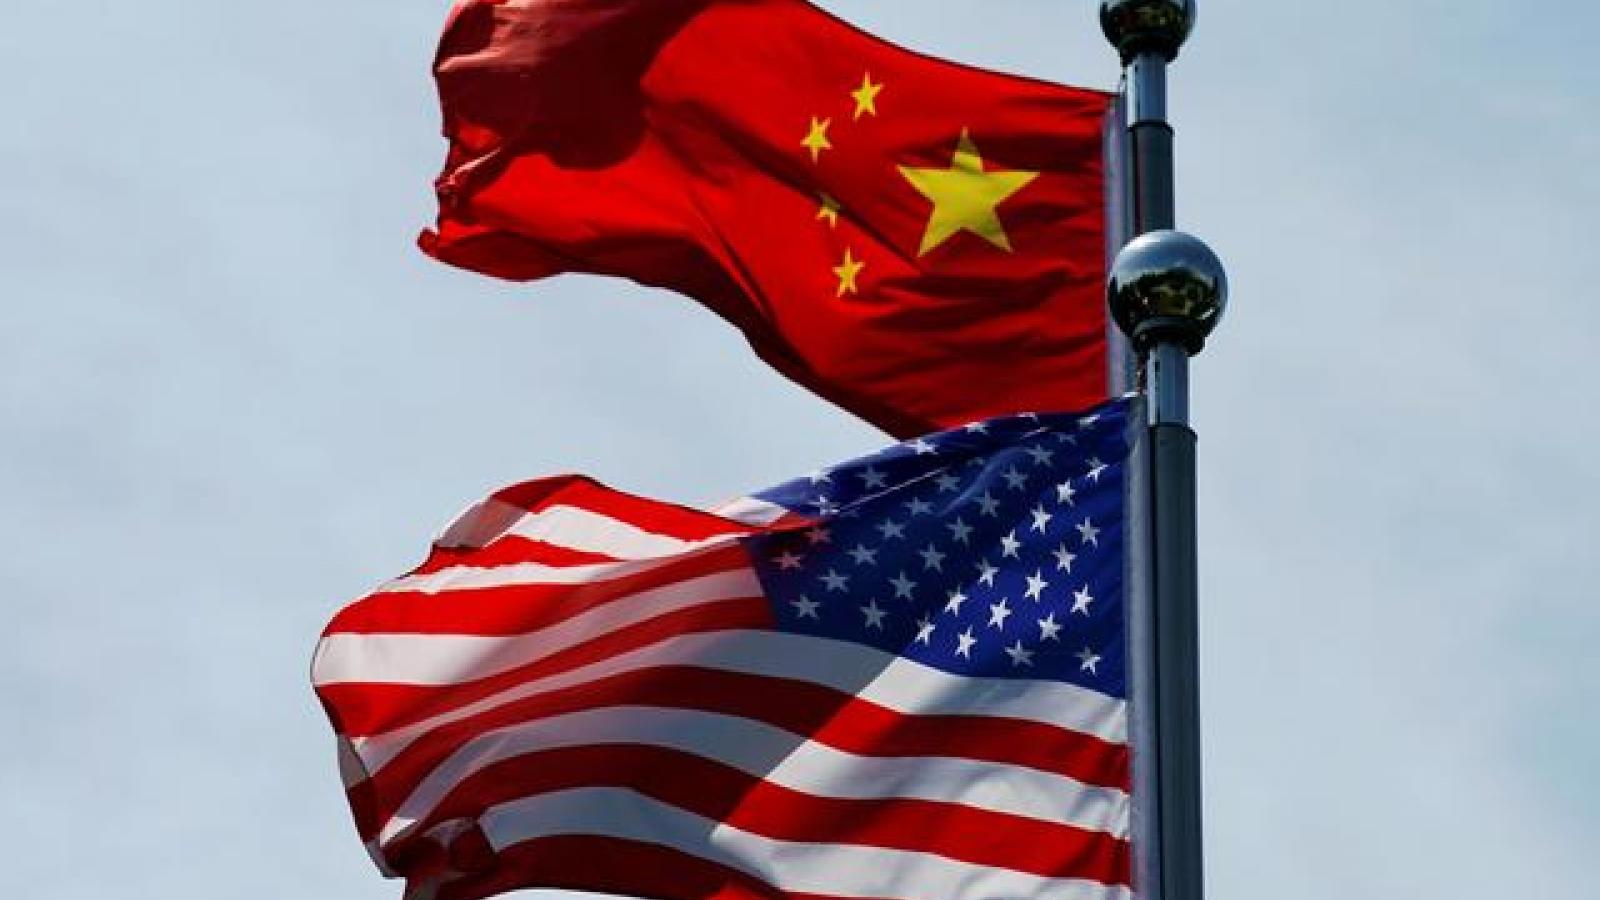 Trung Quốc: Mỹ đang tự làm suy giảm uy tín của mình